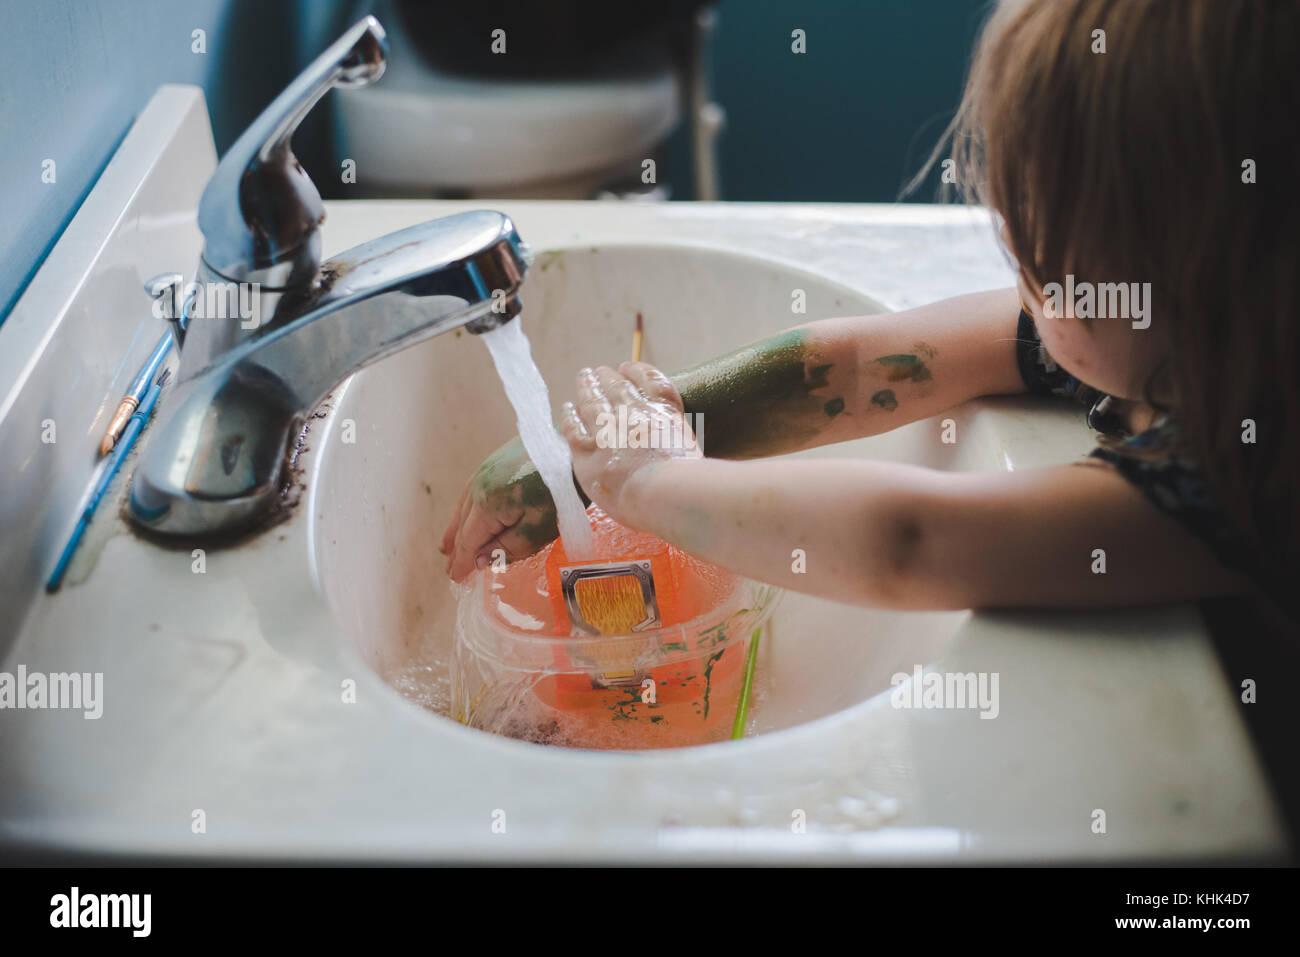 Un bambino ragazza vernice Lavaggio off le mani in un lavandino del bagno. Foto Stock